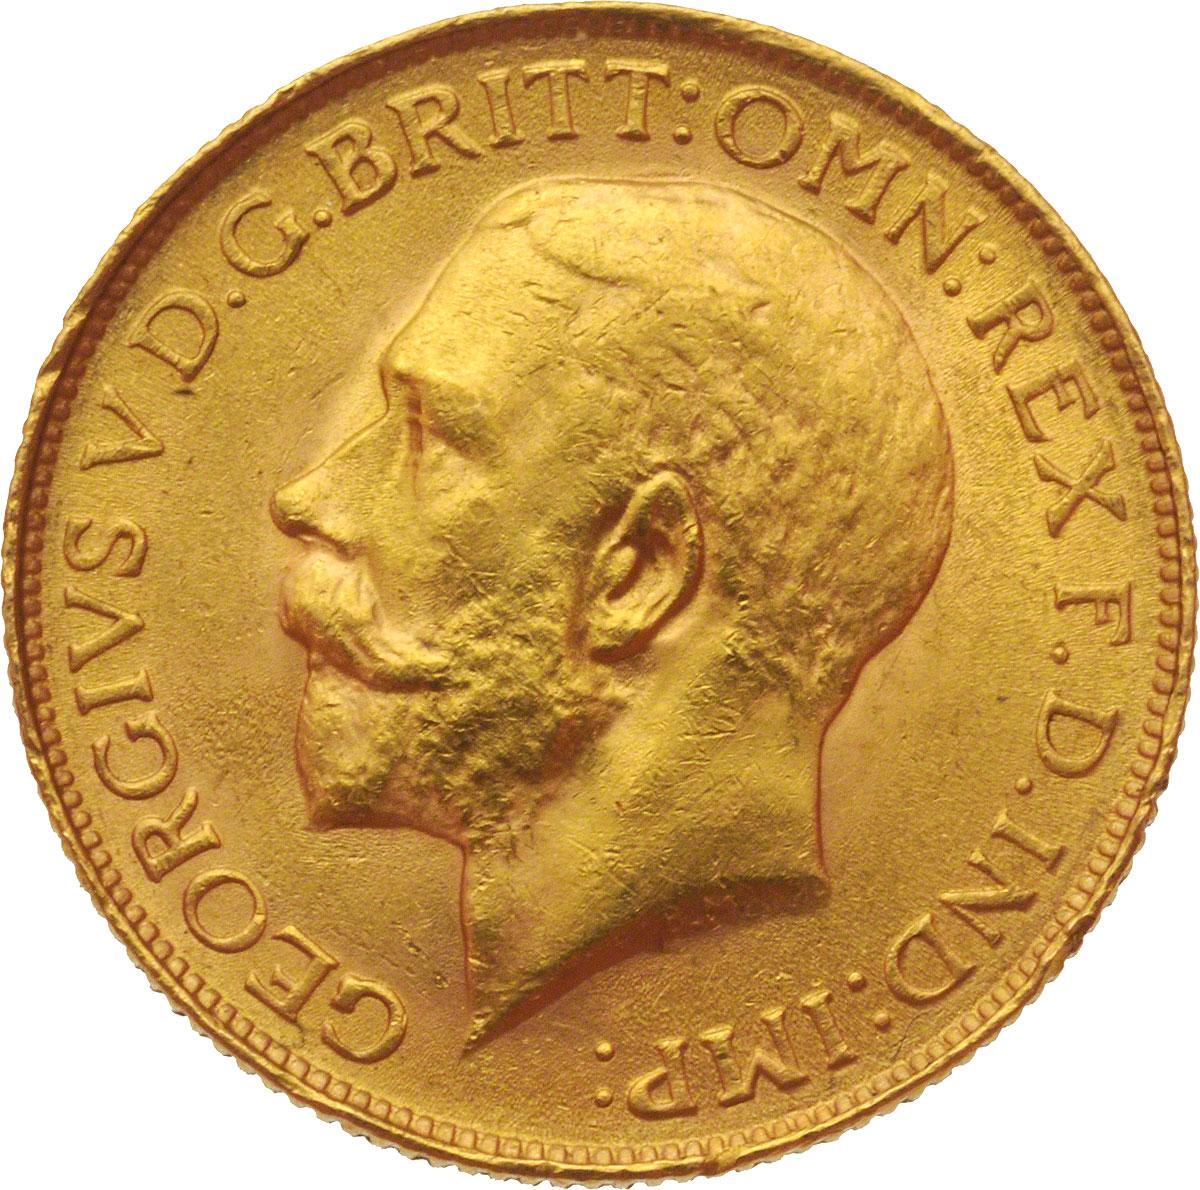 1925 Γεώργιος Ε' (Νομισματοκοπείο Πρετόρια, Νότια Αφρική)